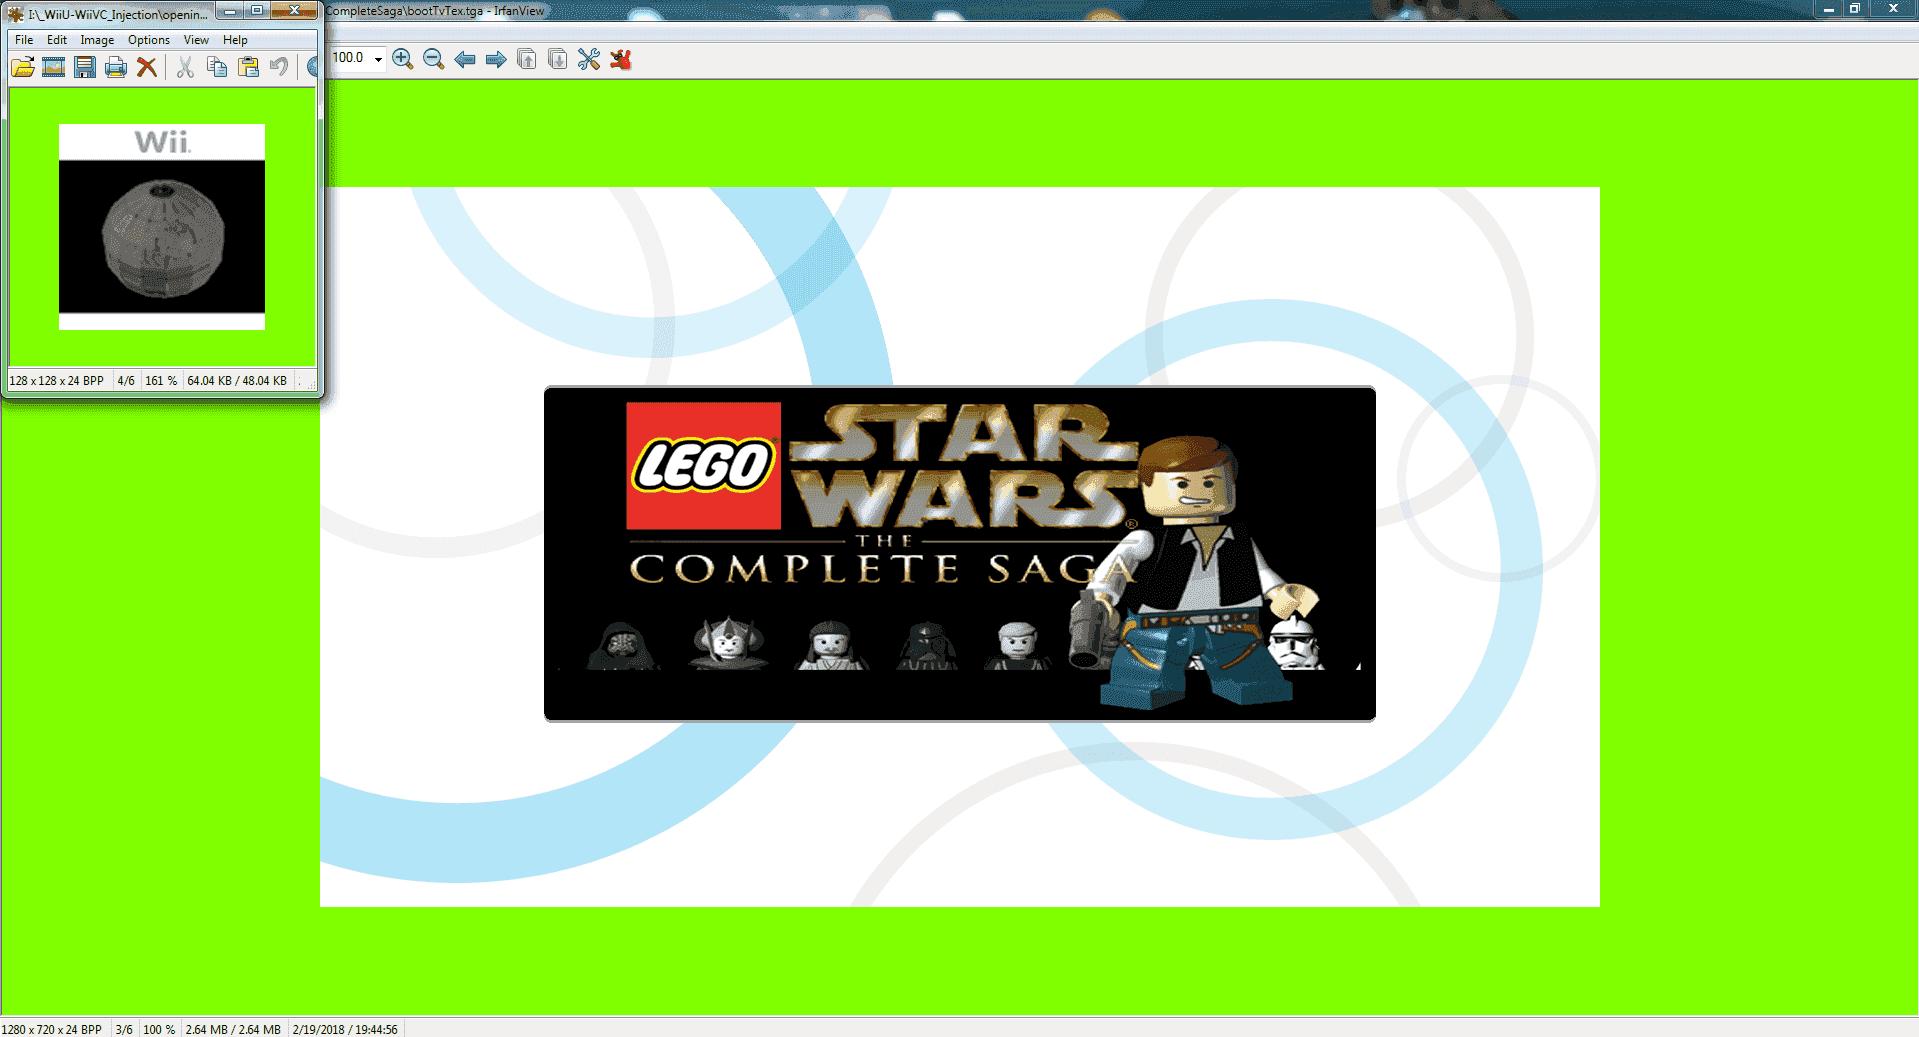 LegoStarWarsTheCompleteSaga.png